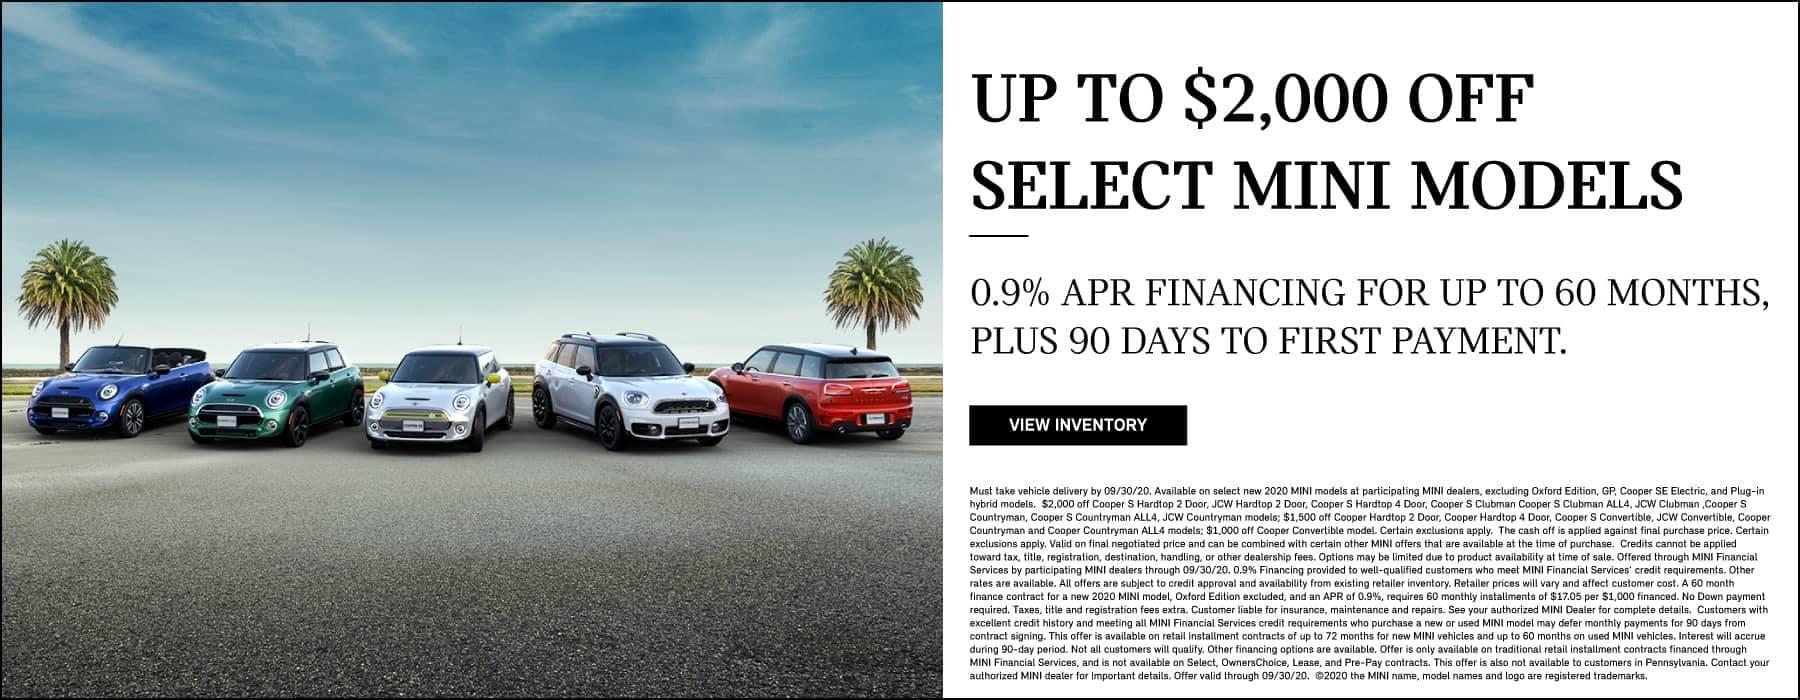 $2,000 off select MINI models